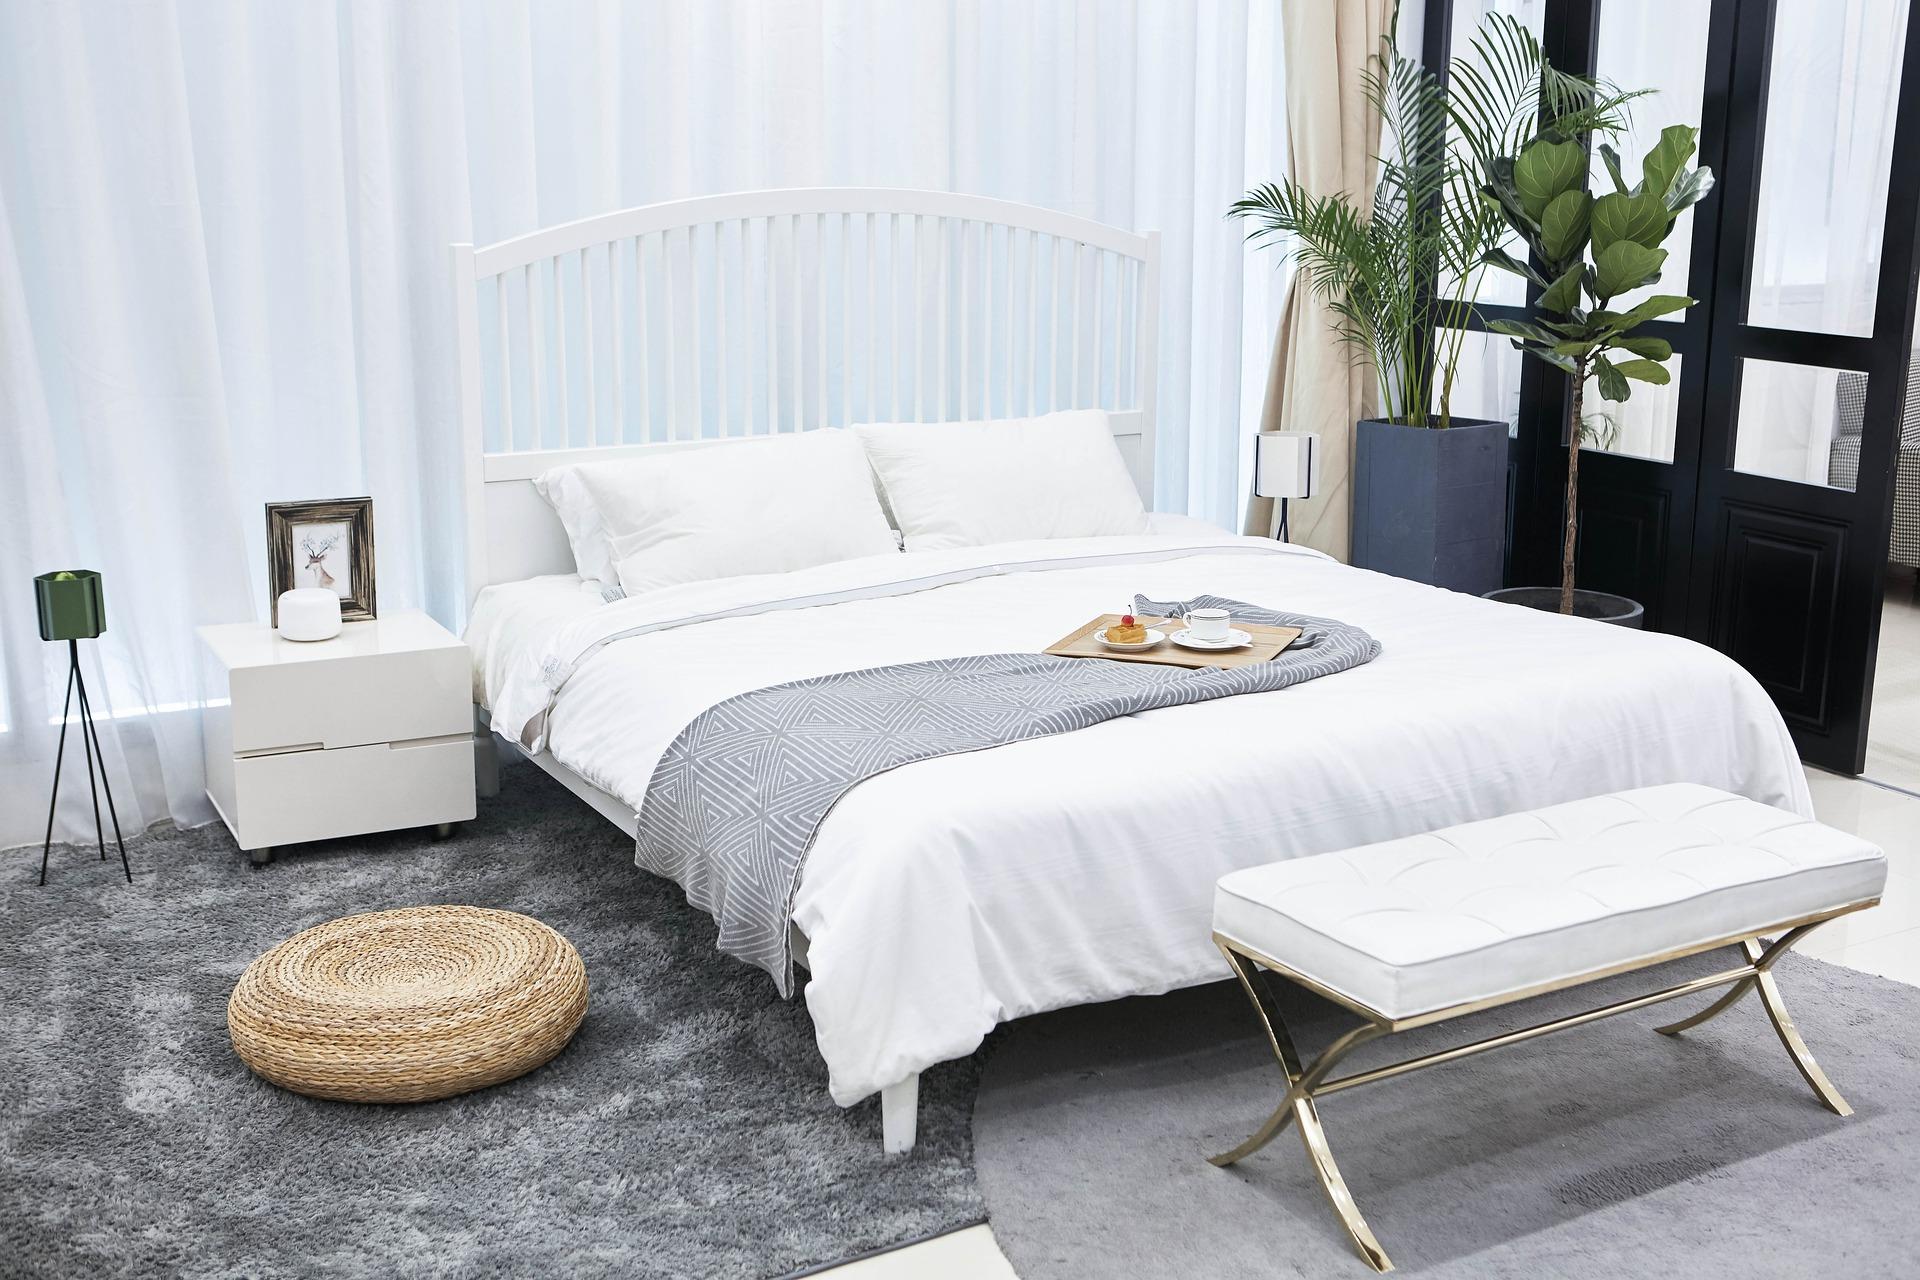 Bedden » Alles wat u moet weten voor het kopen van een bed!